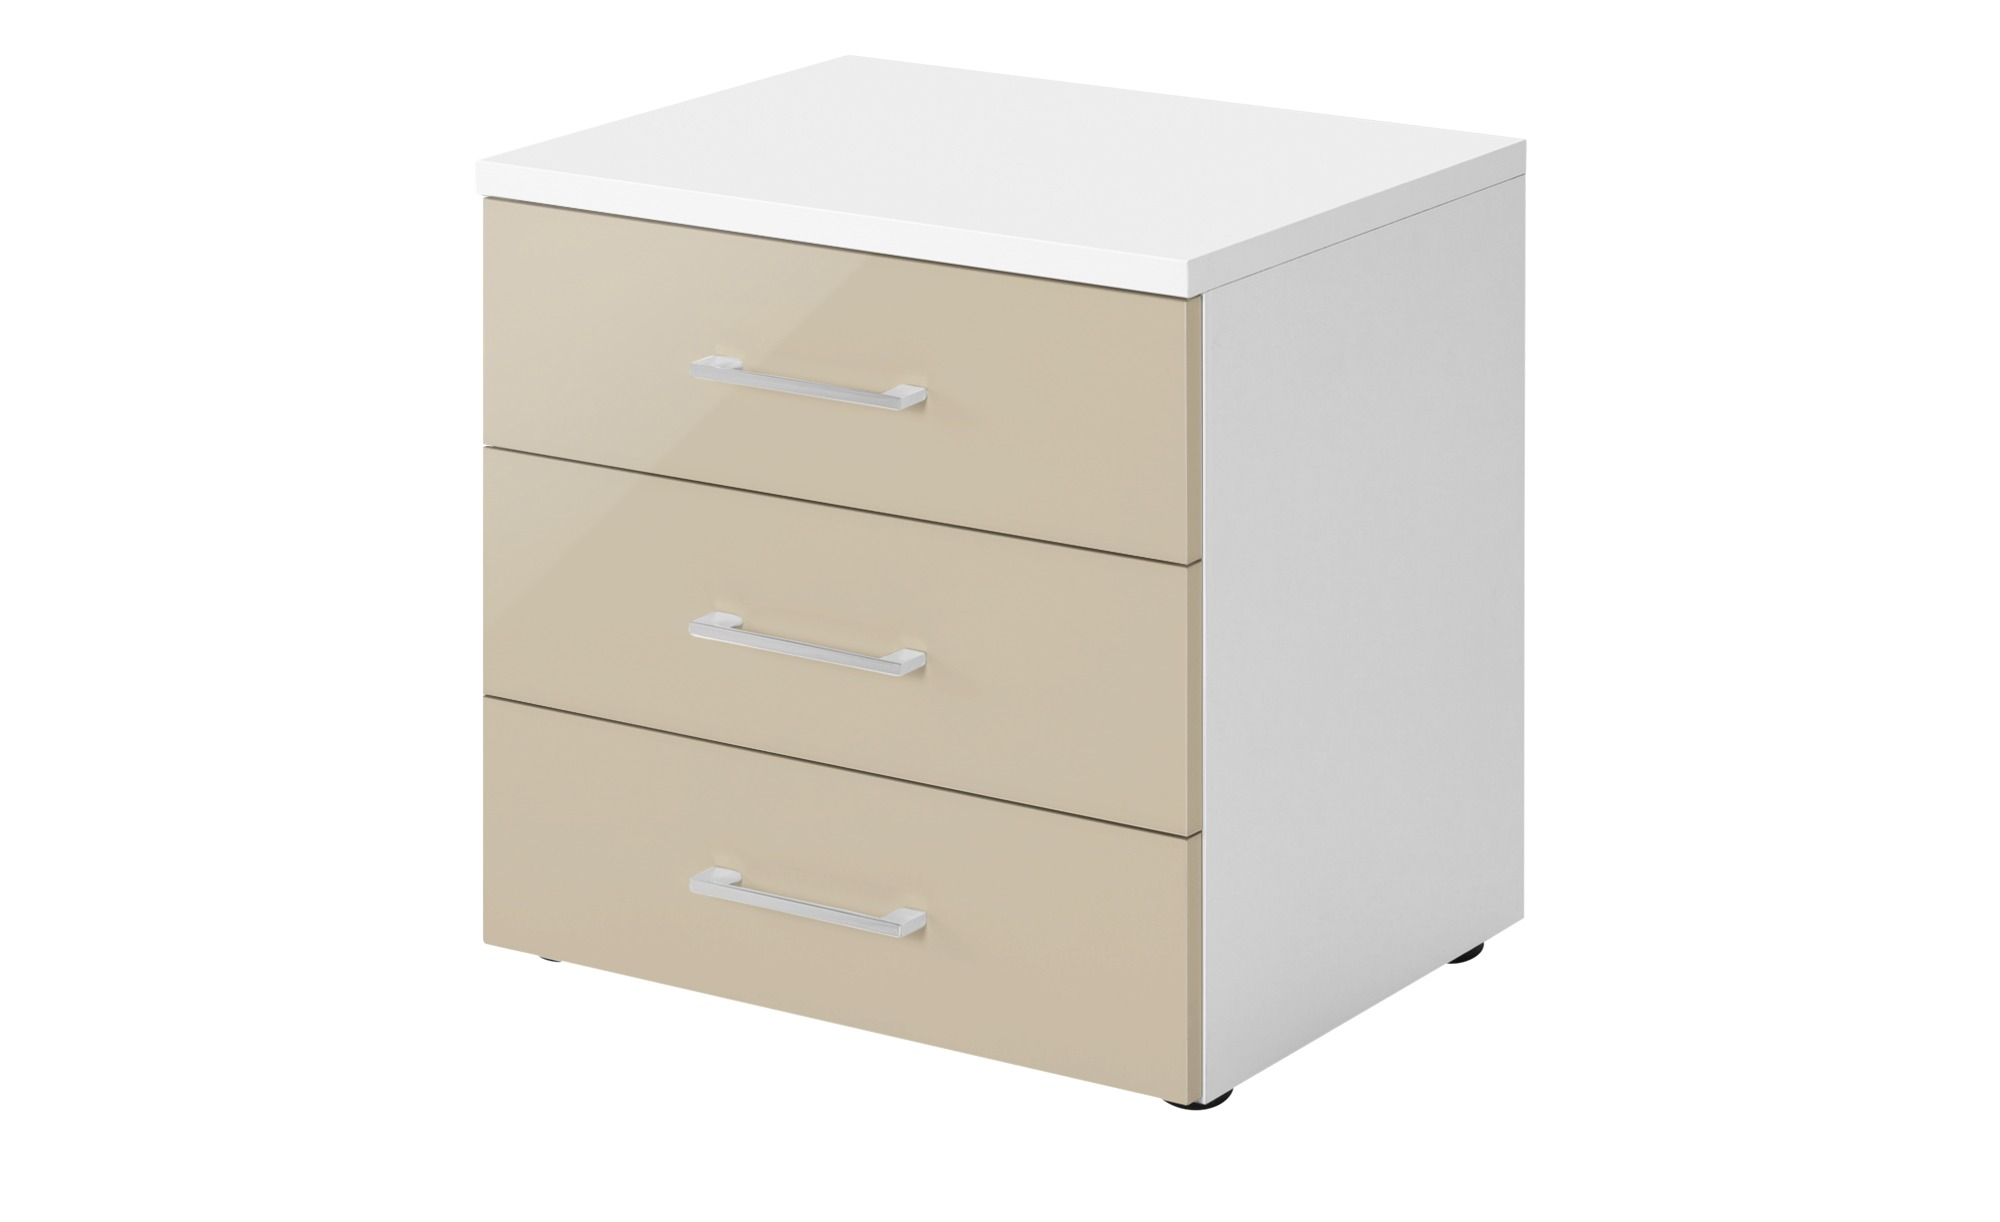 nachtkommode colors breite 50 cm h he 52 cm beige online kaufen bei woonio. Black Bedroom Furniture Sets. Home Design Ideas